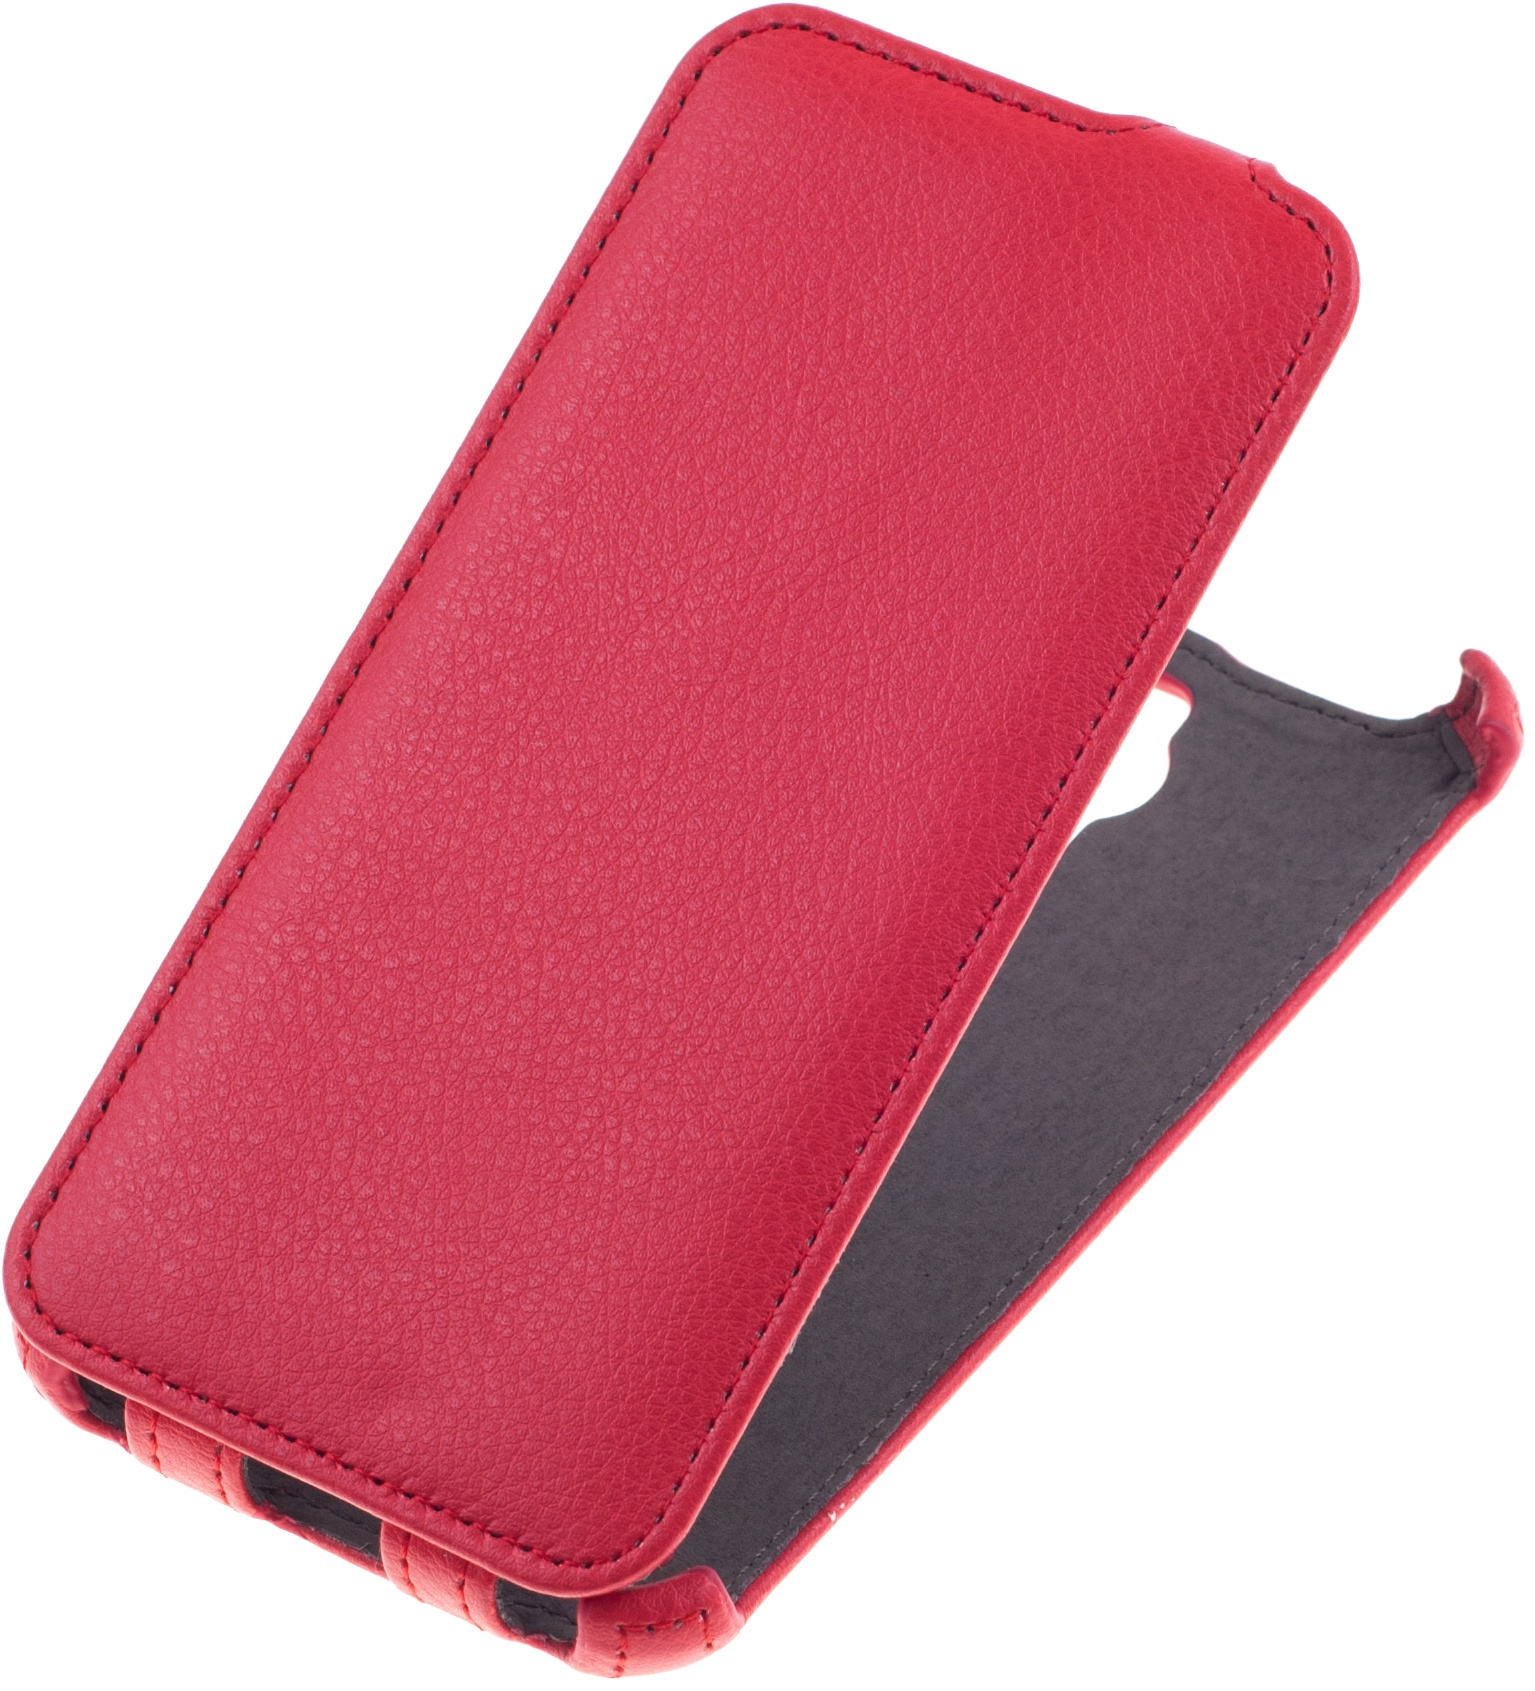 Чехол для сотового телефона PRIME Crabe, 4660041406894, красный